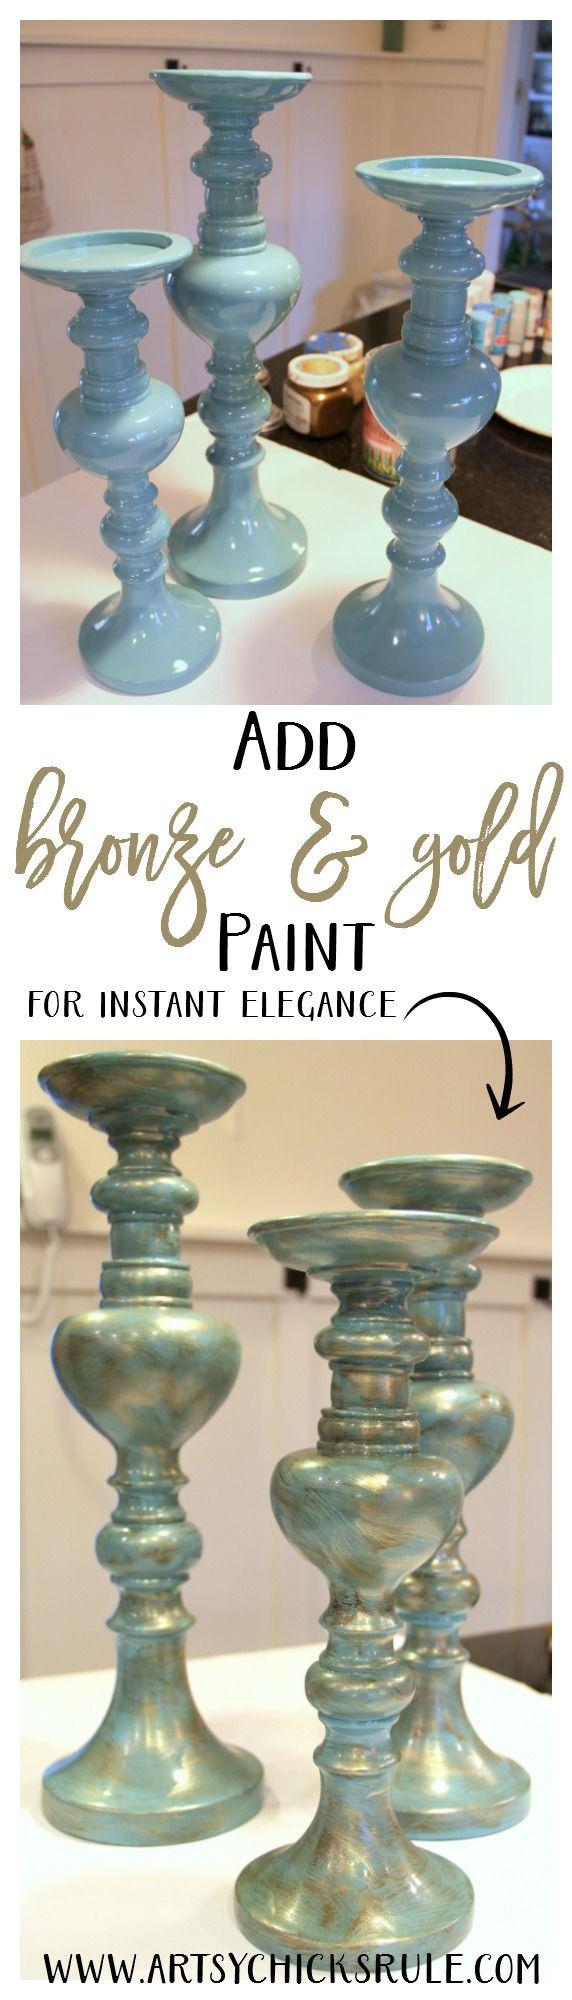 Painted Candlesticks - Super easy makeover - artsychicksrule